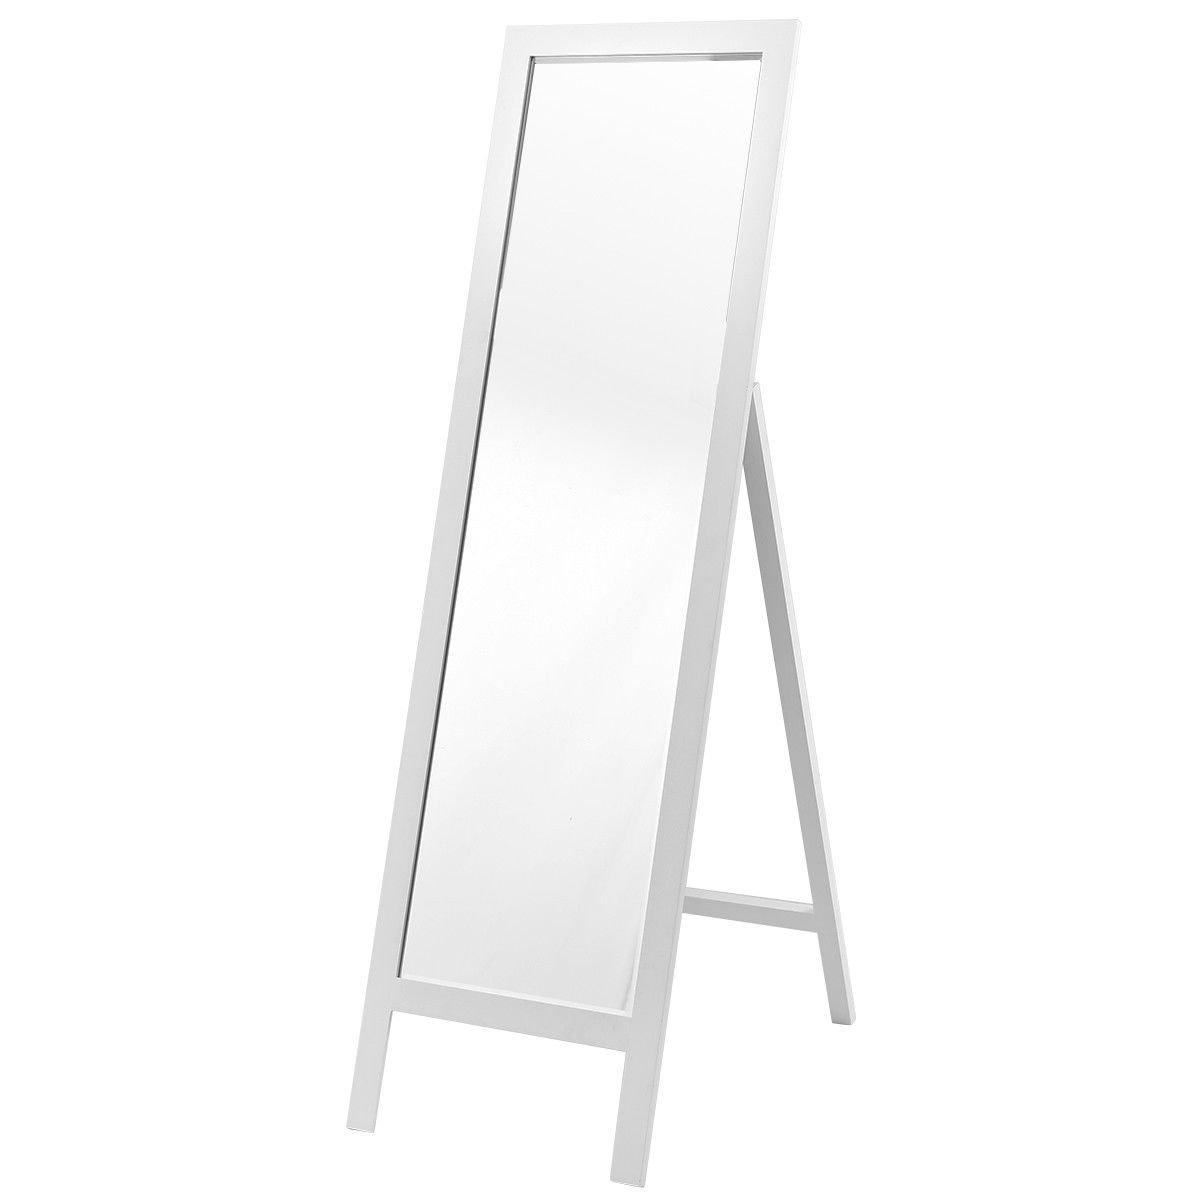 AyaMastro 55.5'' White Full Length Dressing Mirror Floor Standing Bedroom w/Wooden Frame